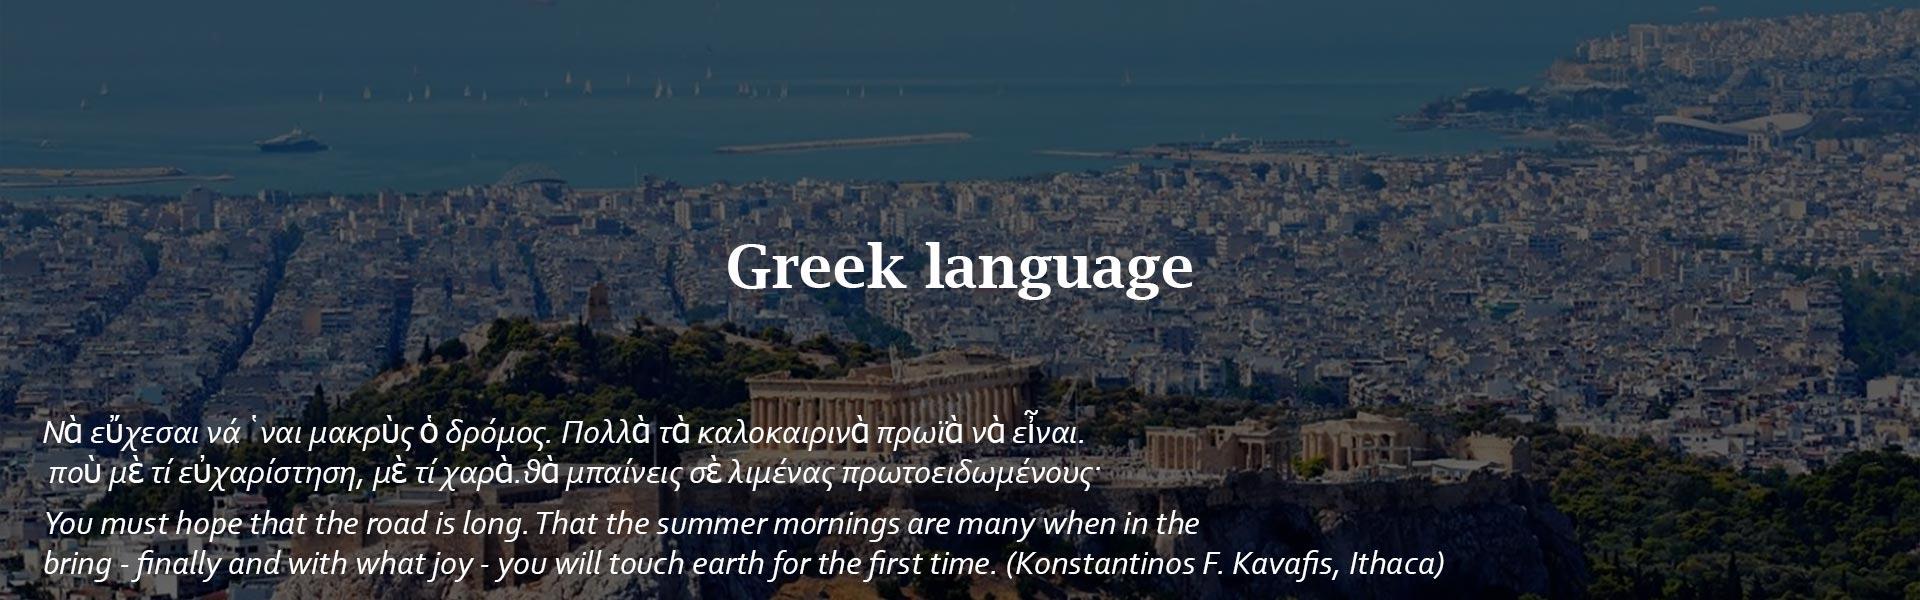 Greek-language-Alif